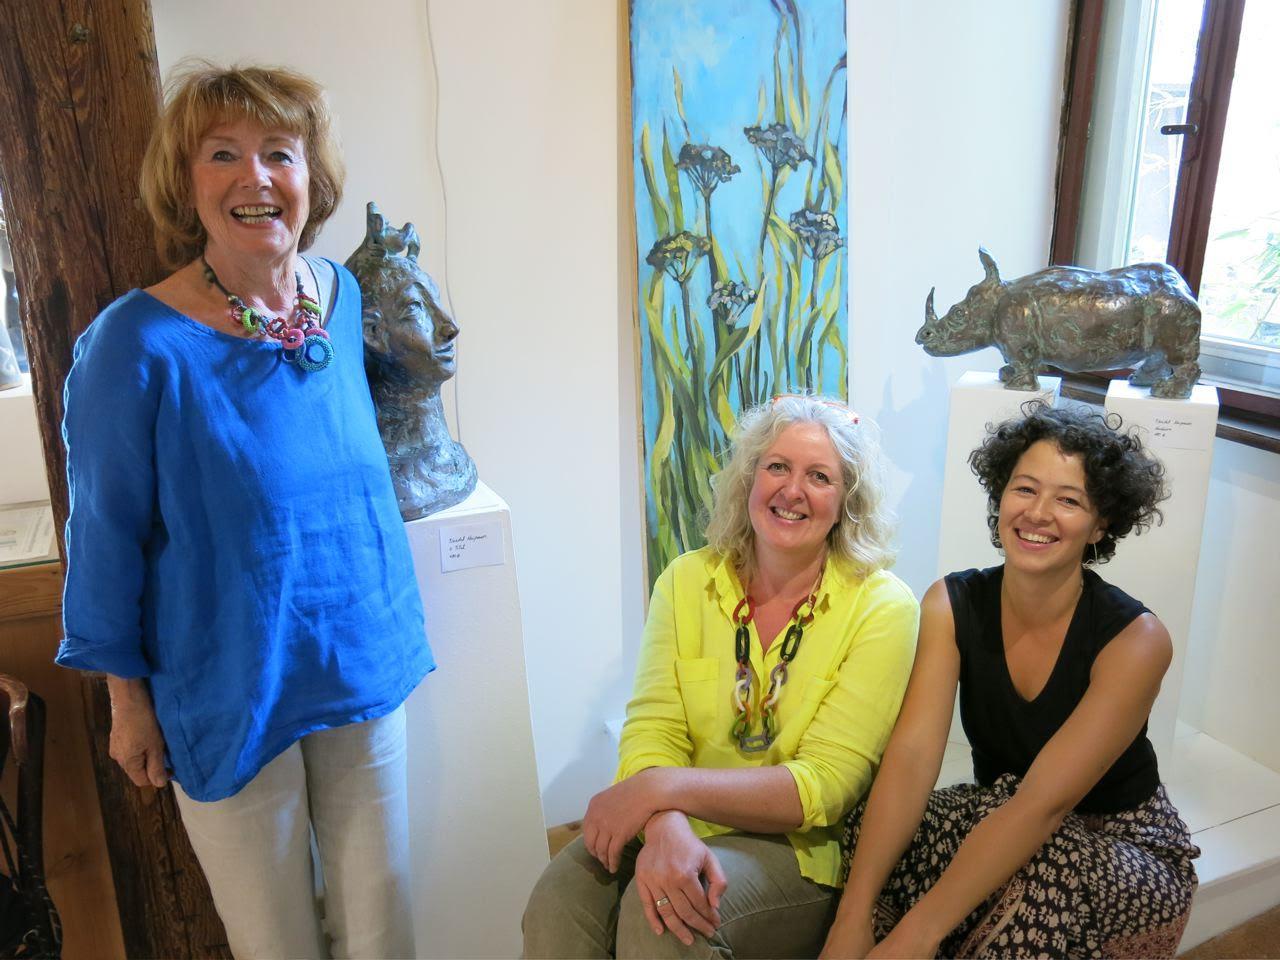 Vernissage. Friedel Neupauer (skulptorin), Heike Flügel (malerin) und Carolina Martínez (Curatorin) (von Links) Photo: Peter Millian